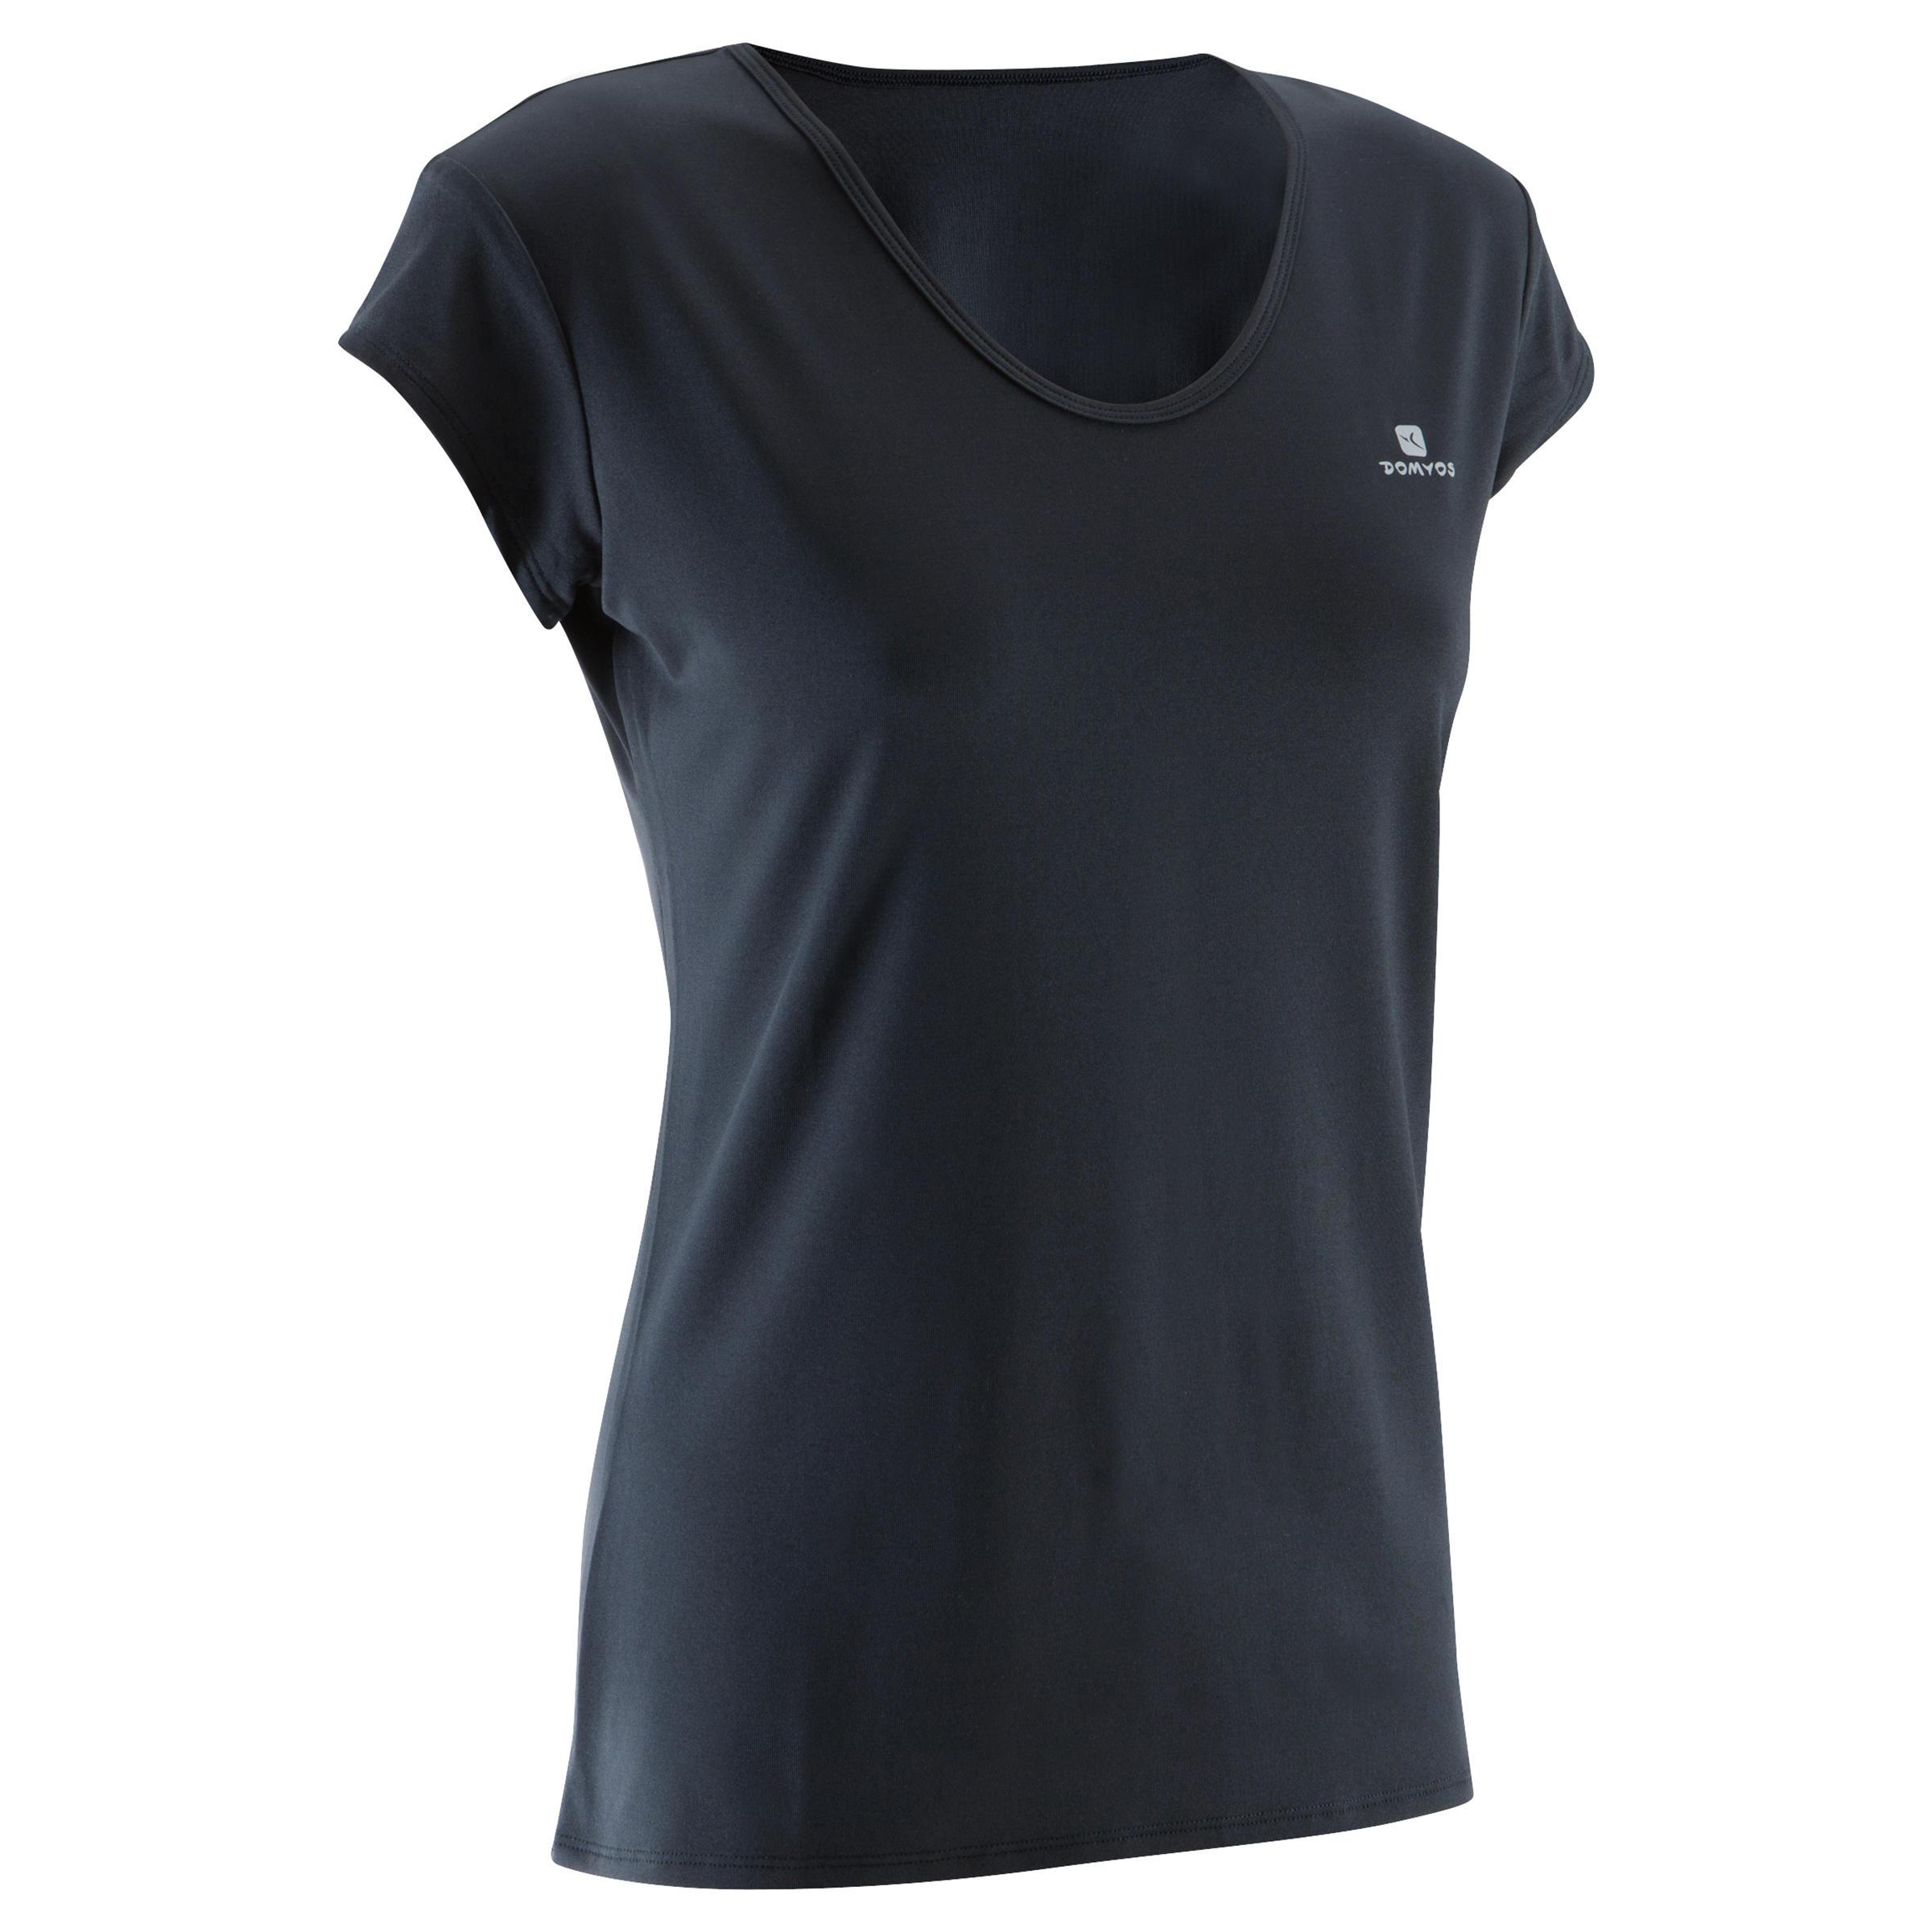 T-shirt entraînement cardio femme noir 100